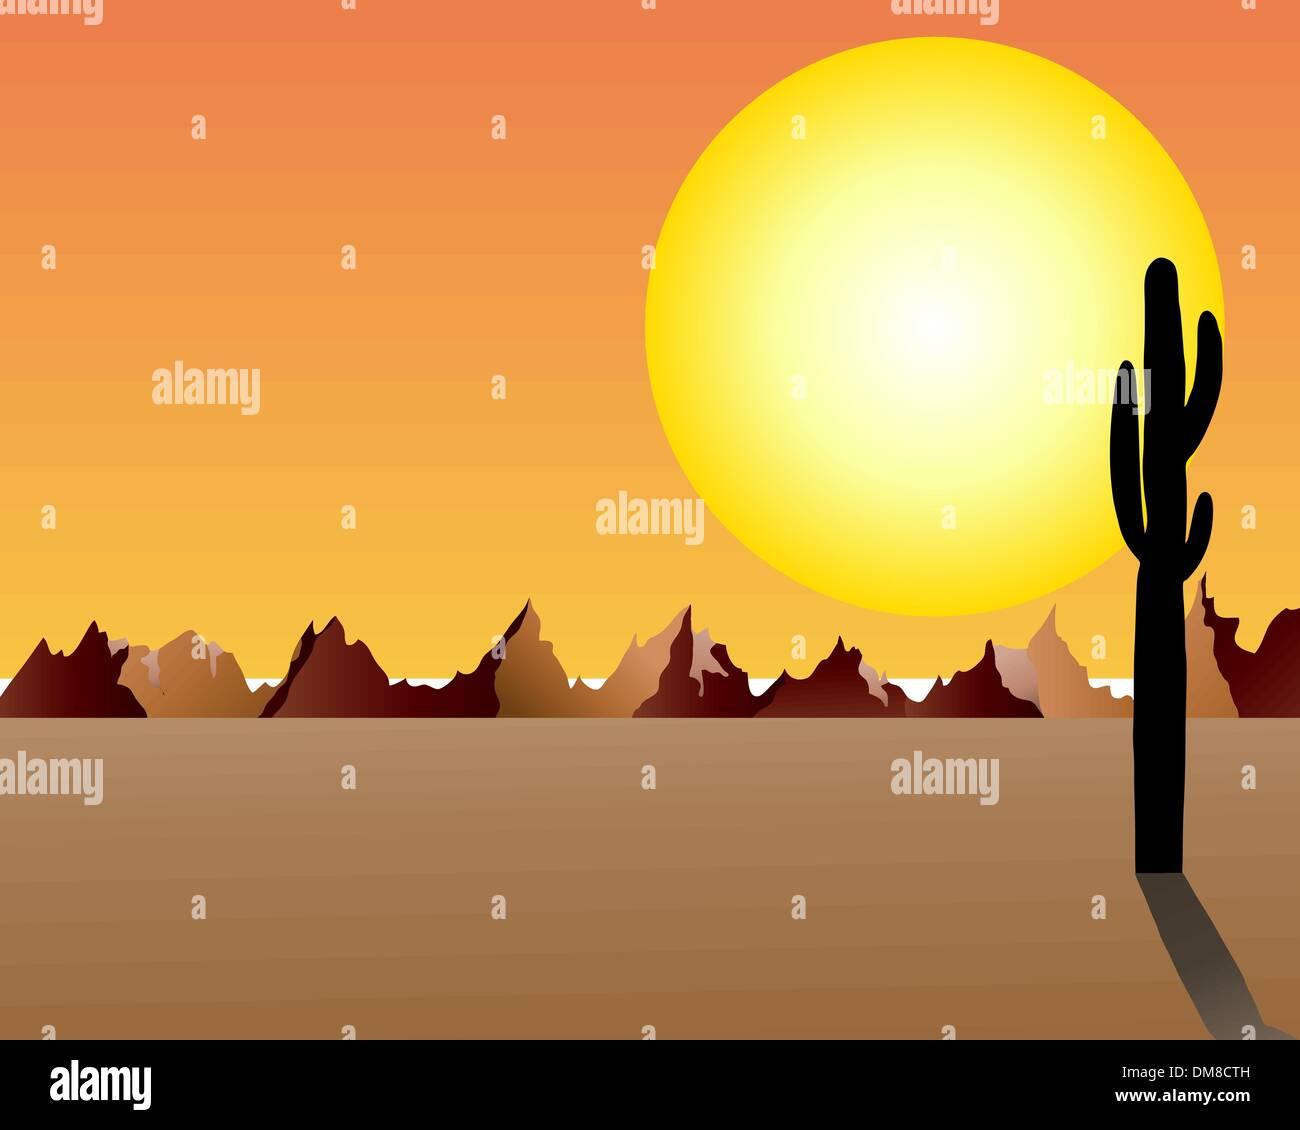 Desert and rocks - Stock Image